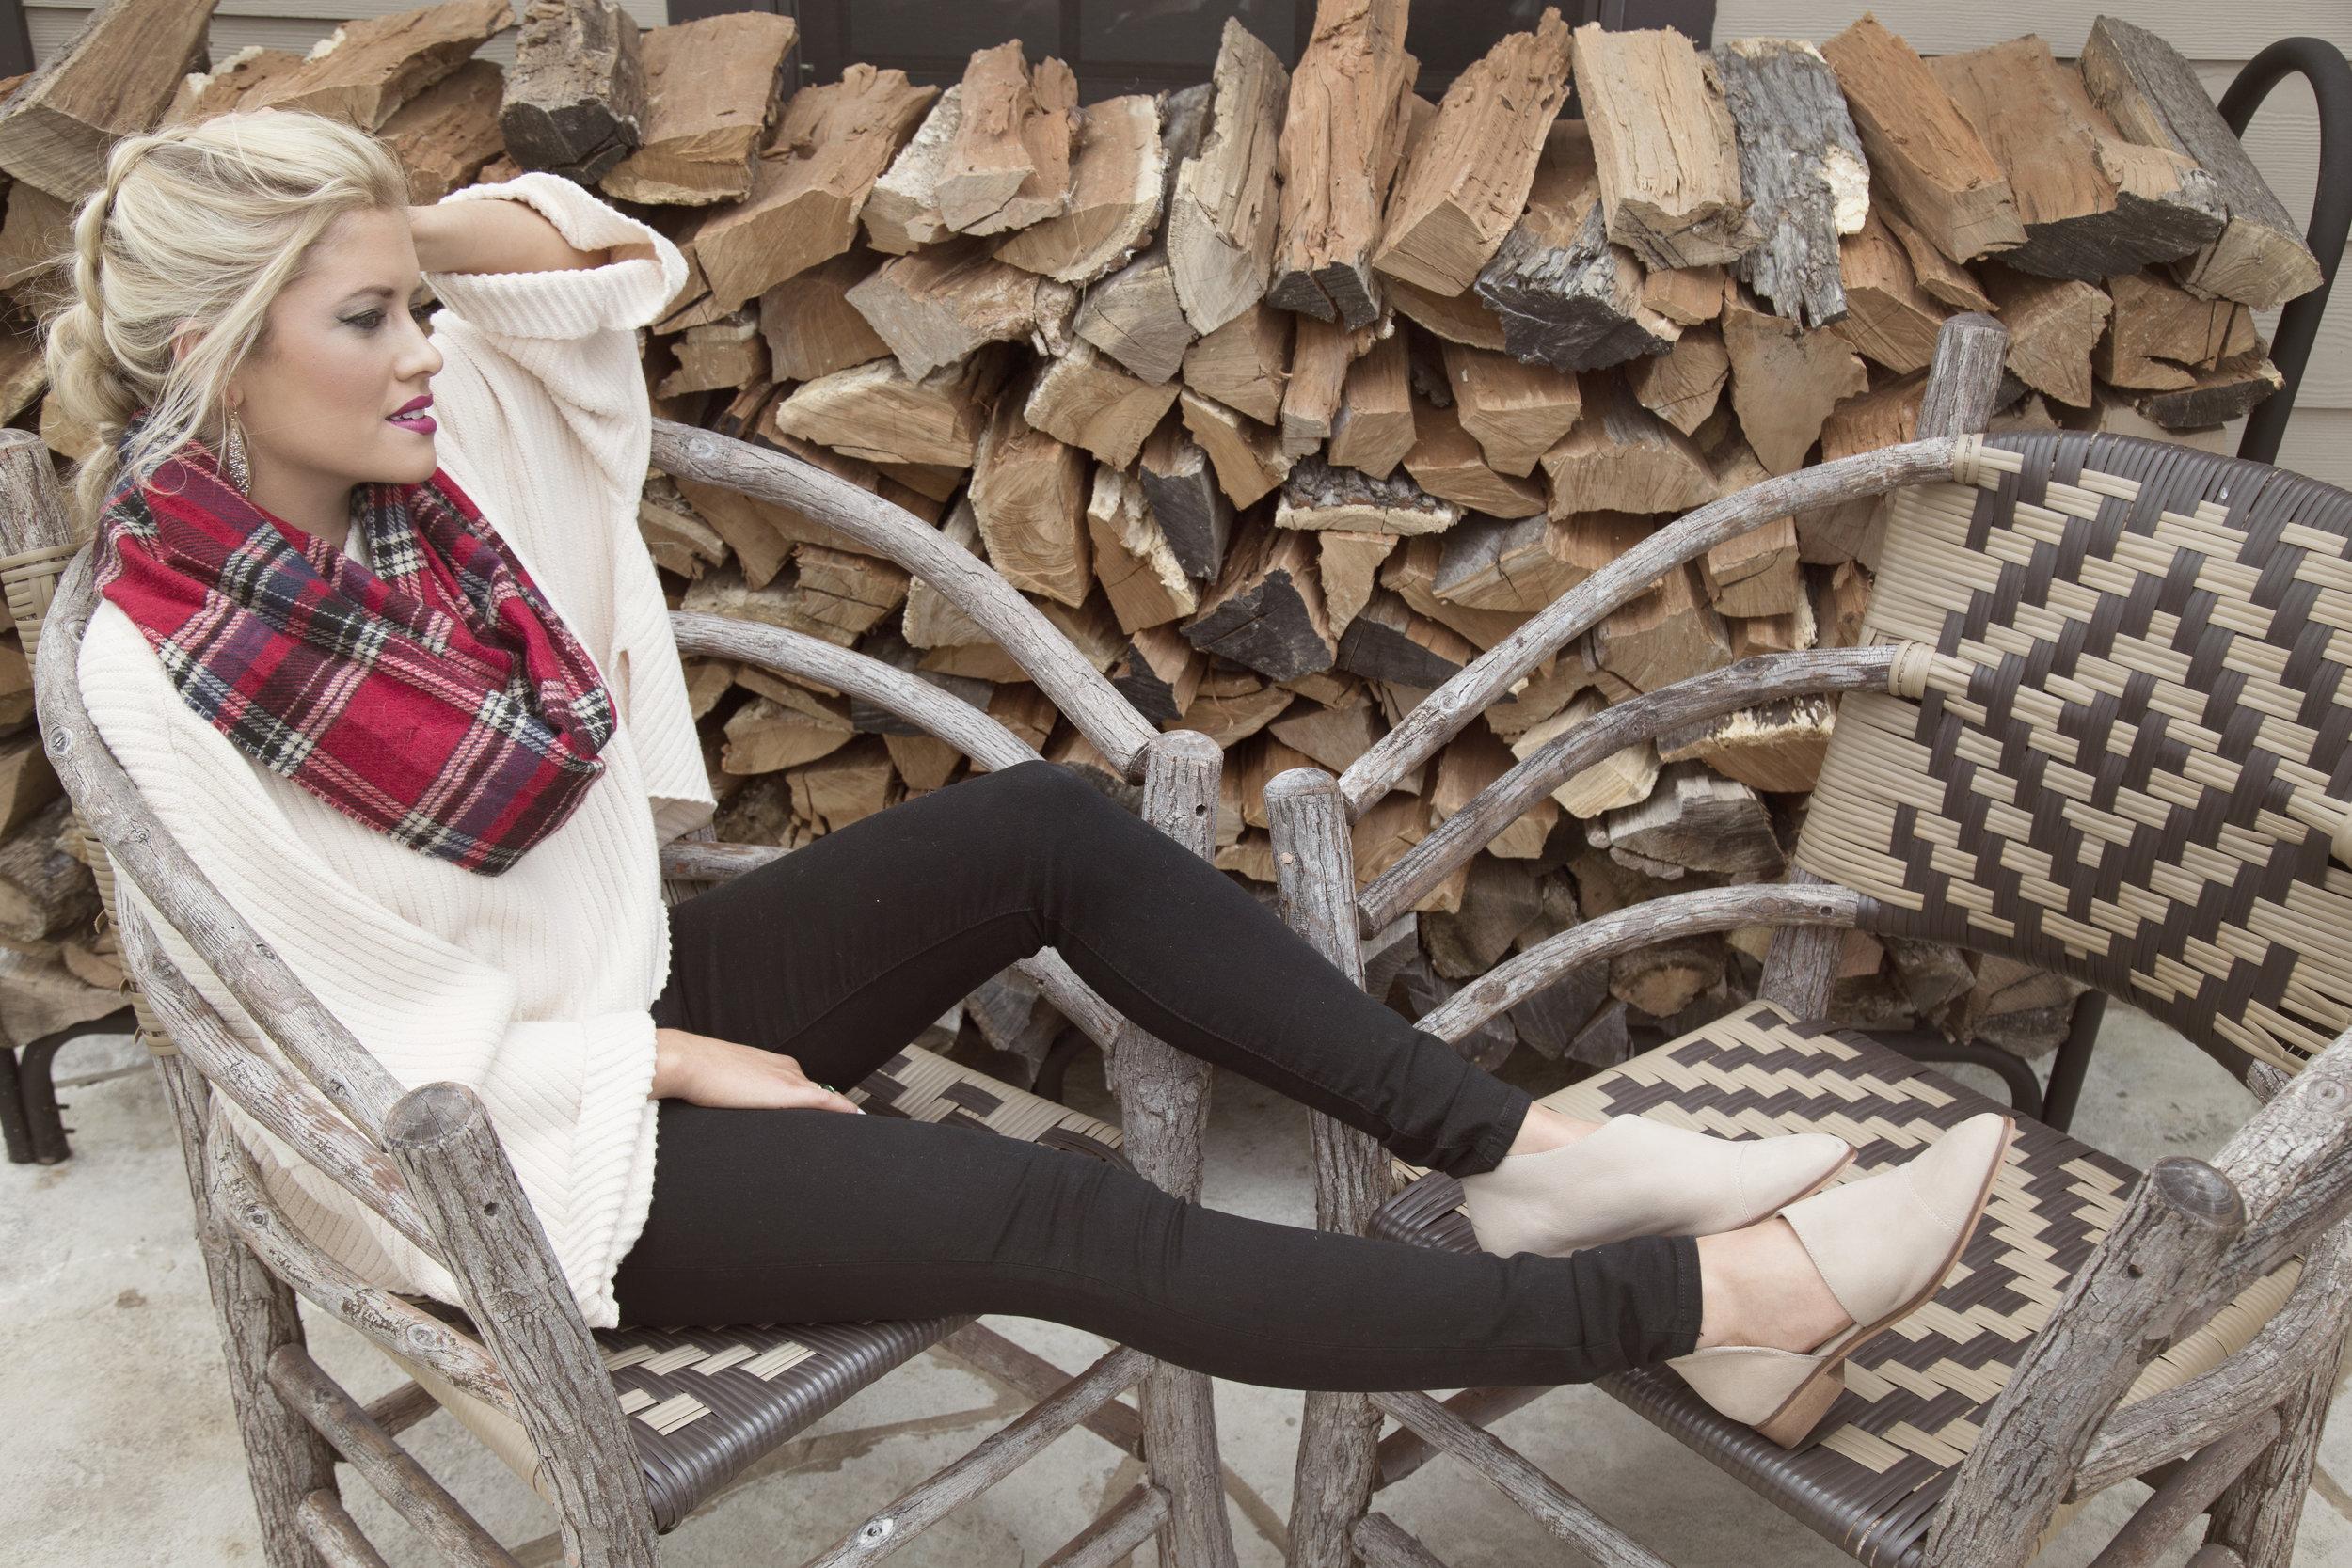 27 plaid scarf tan shoe.jpg